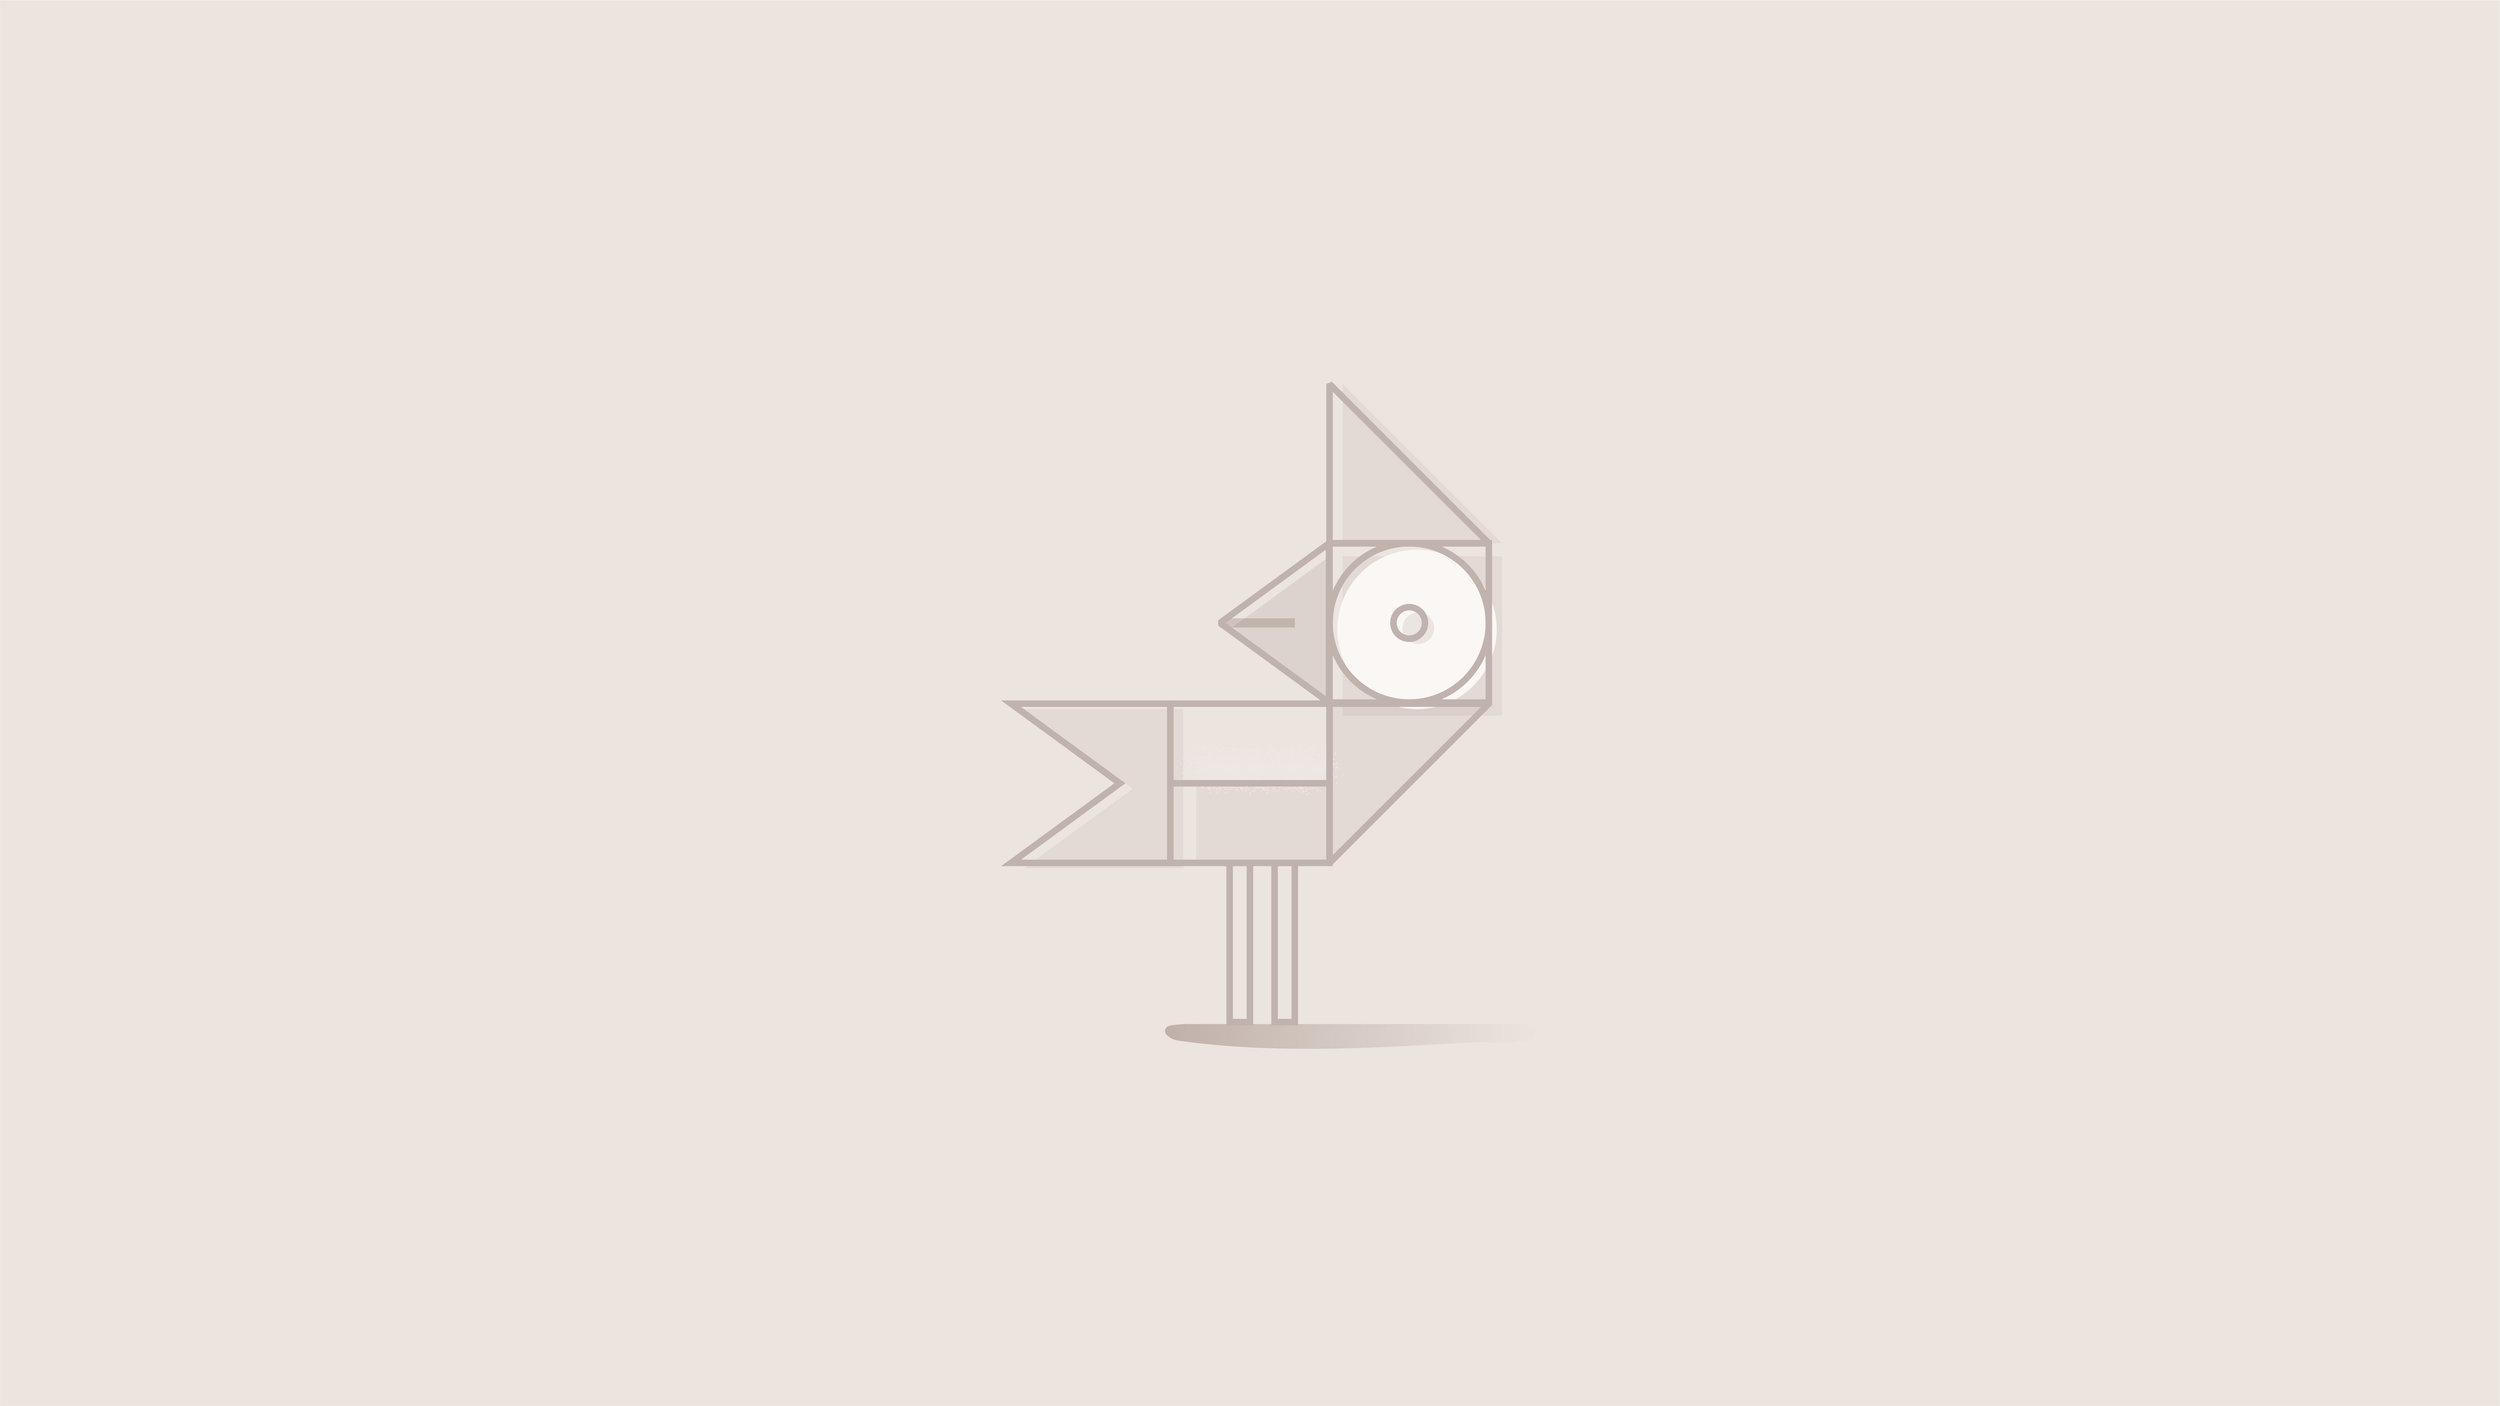 161121_MA_Video_Frames_9 - Evolving.jpg